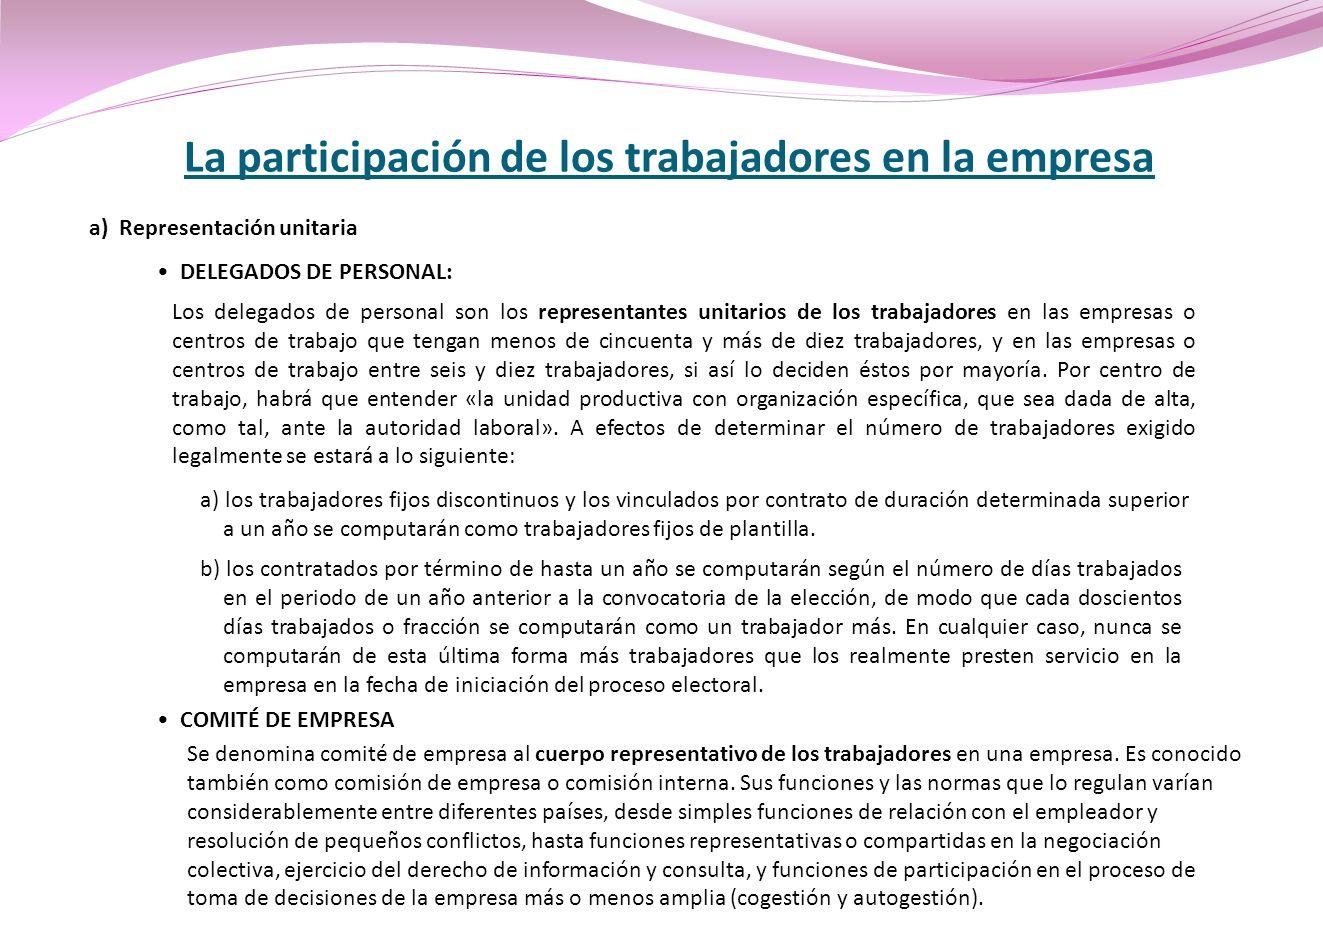 La participación de los trabajadores en la empresa a) Representación unitaria DELEGADOS DE PERSONAL: Los delegados de personal son los representantes